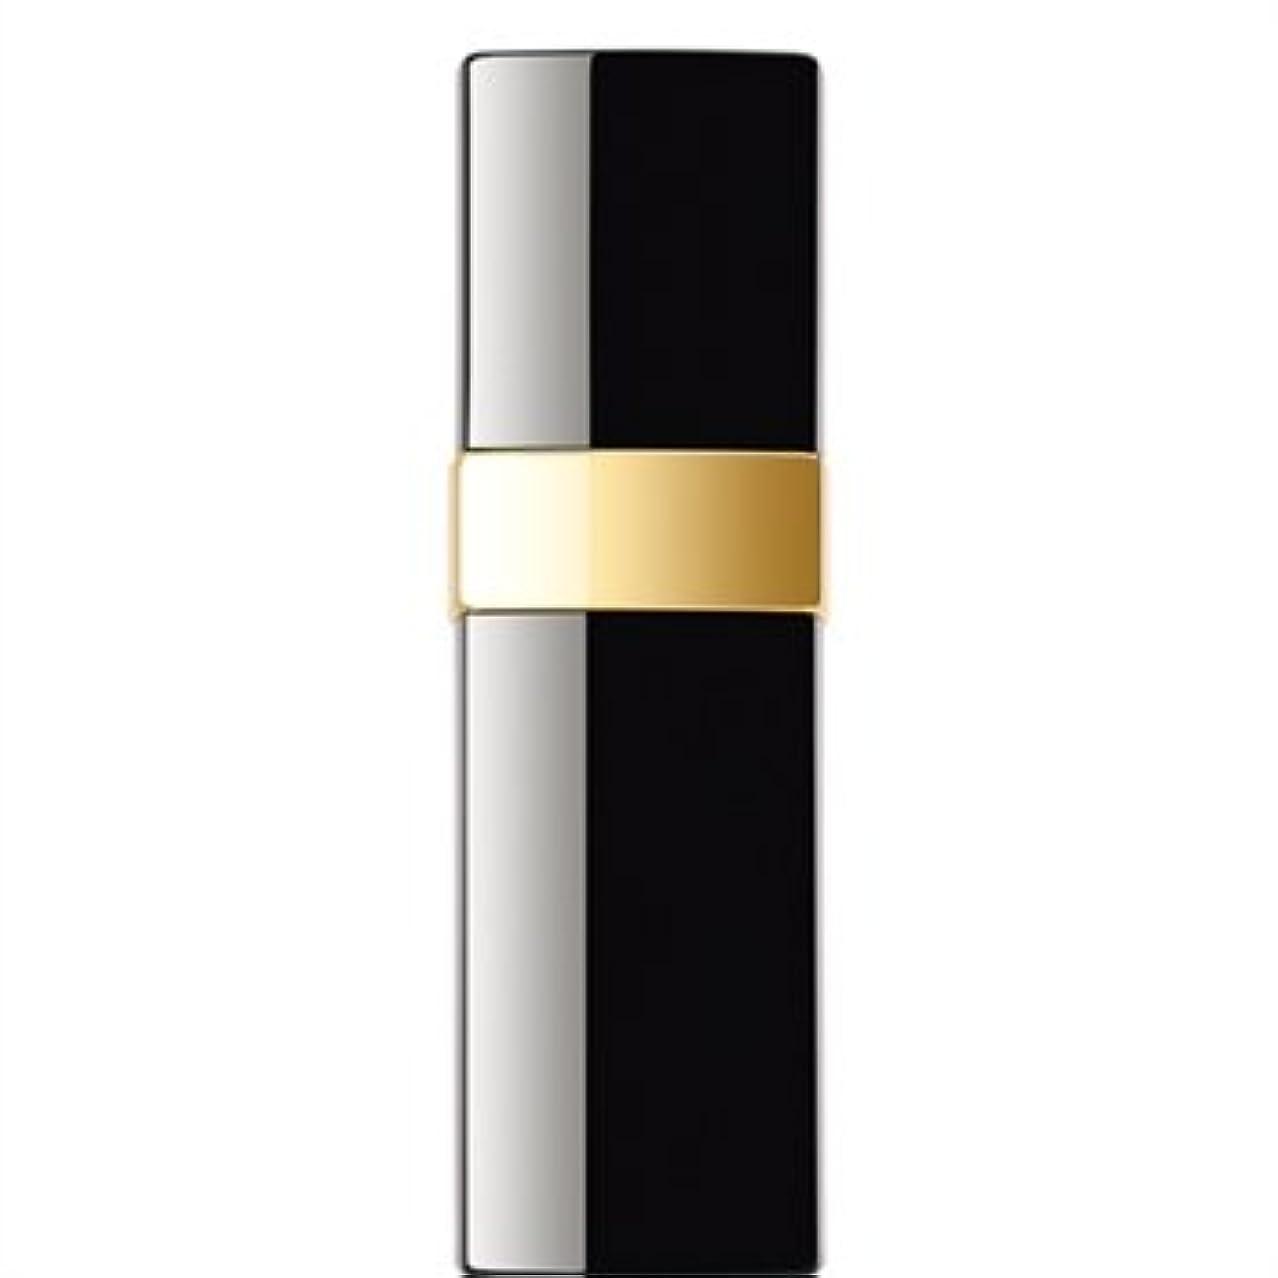 ウィンク区別するのりCHANEL(シャネル) No.5 香水 7.5ml バーススプレイ